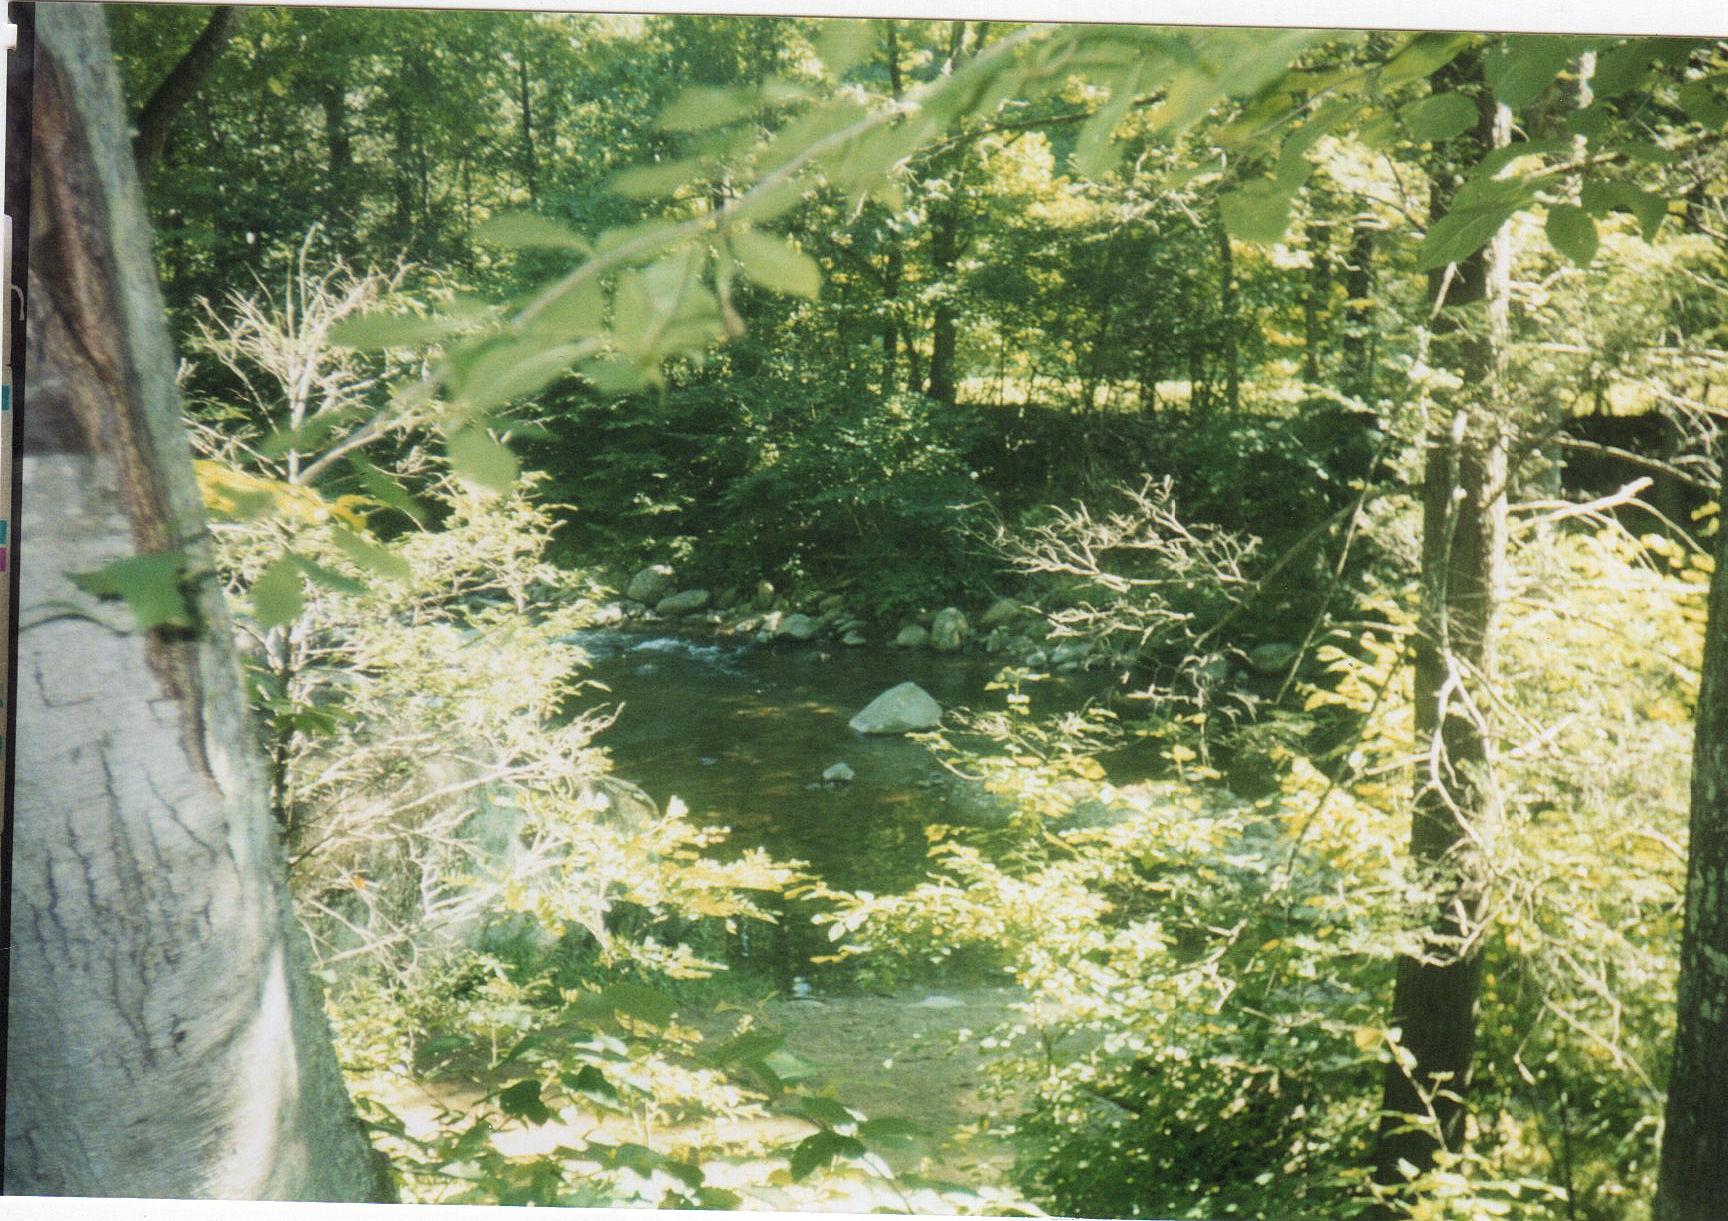 Rapidan River, VA